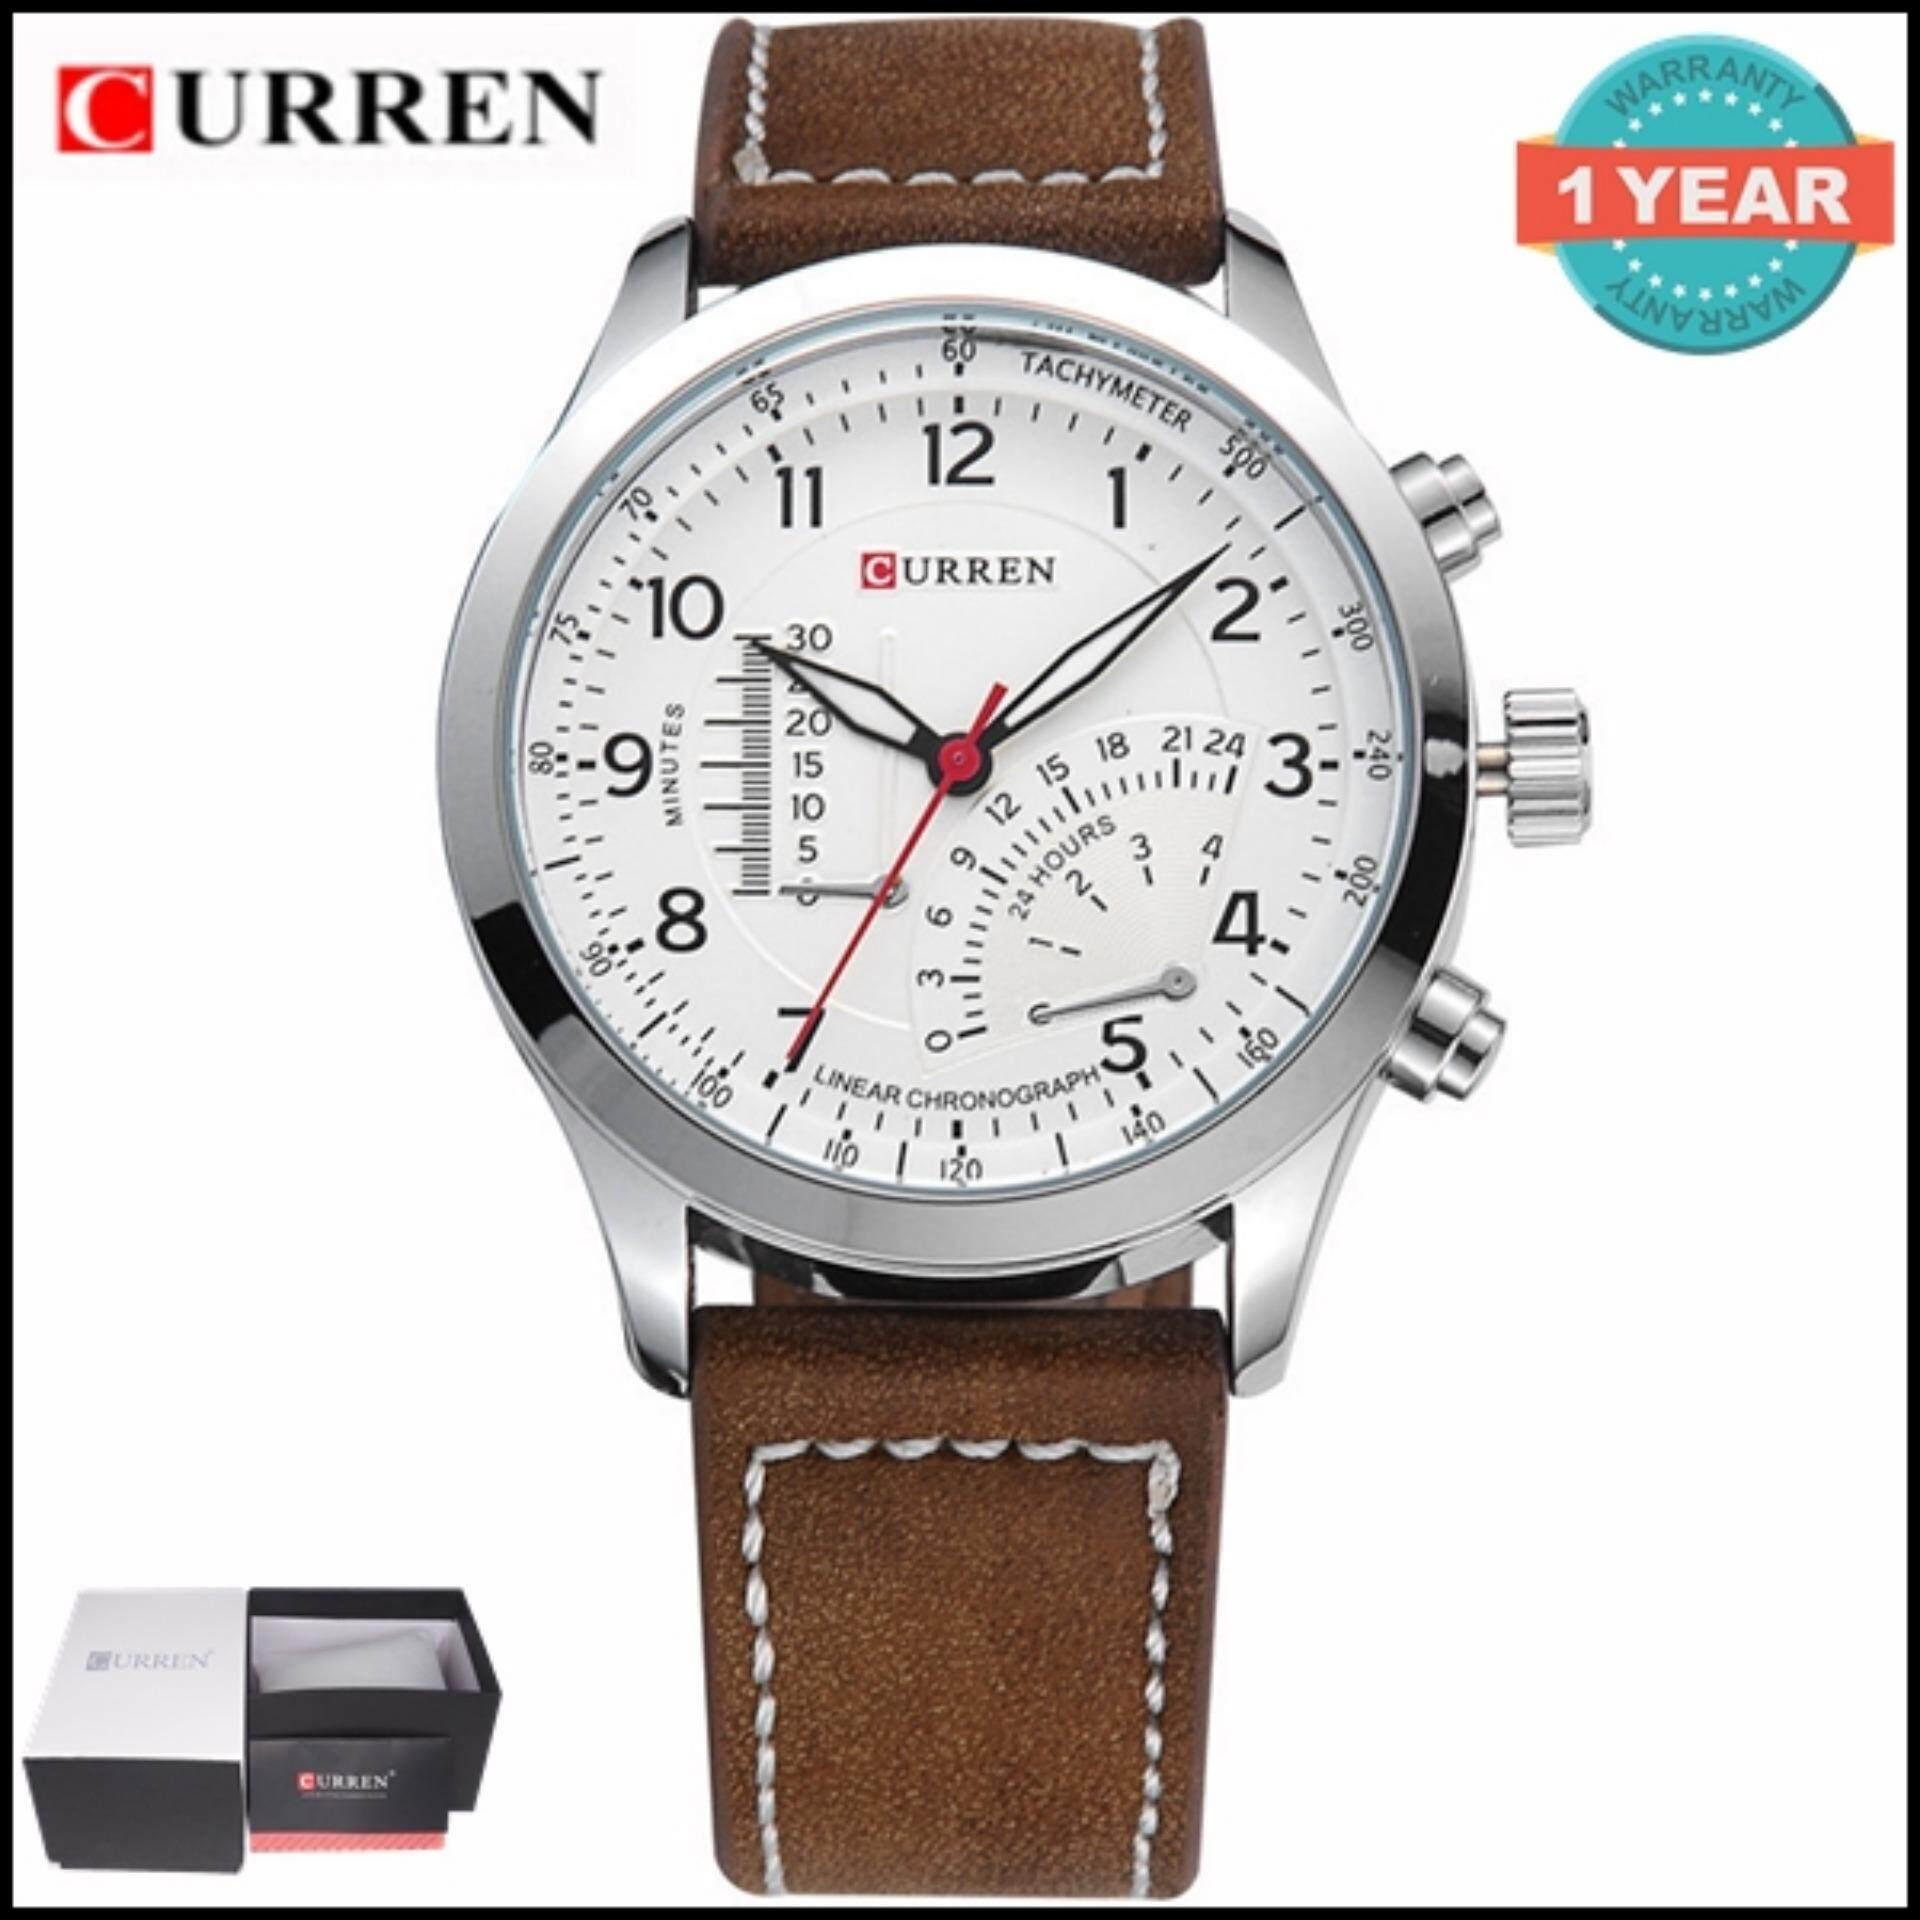 Curren นาฬิกาข้อมือสุภาพบุรุษ สีน้ำตาล สายหนัง รุ่น C8152 ใน สมุทรปราการ